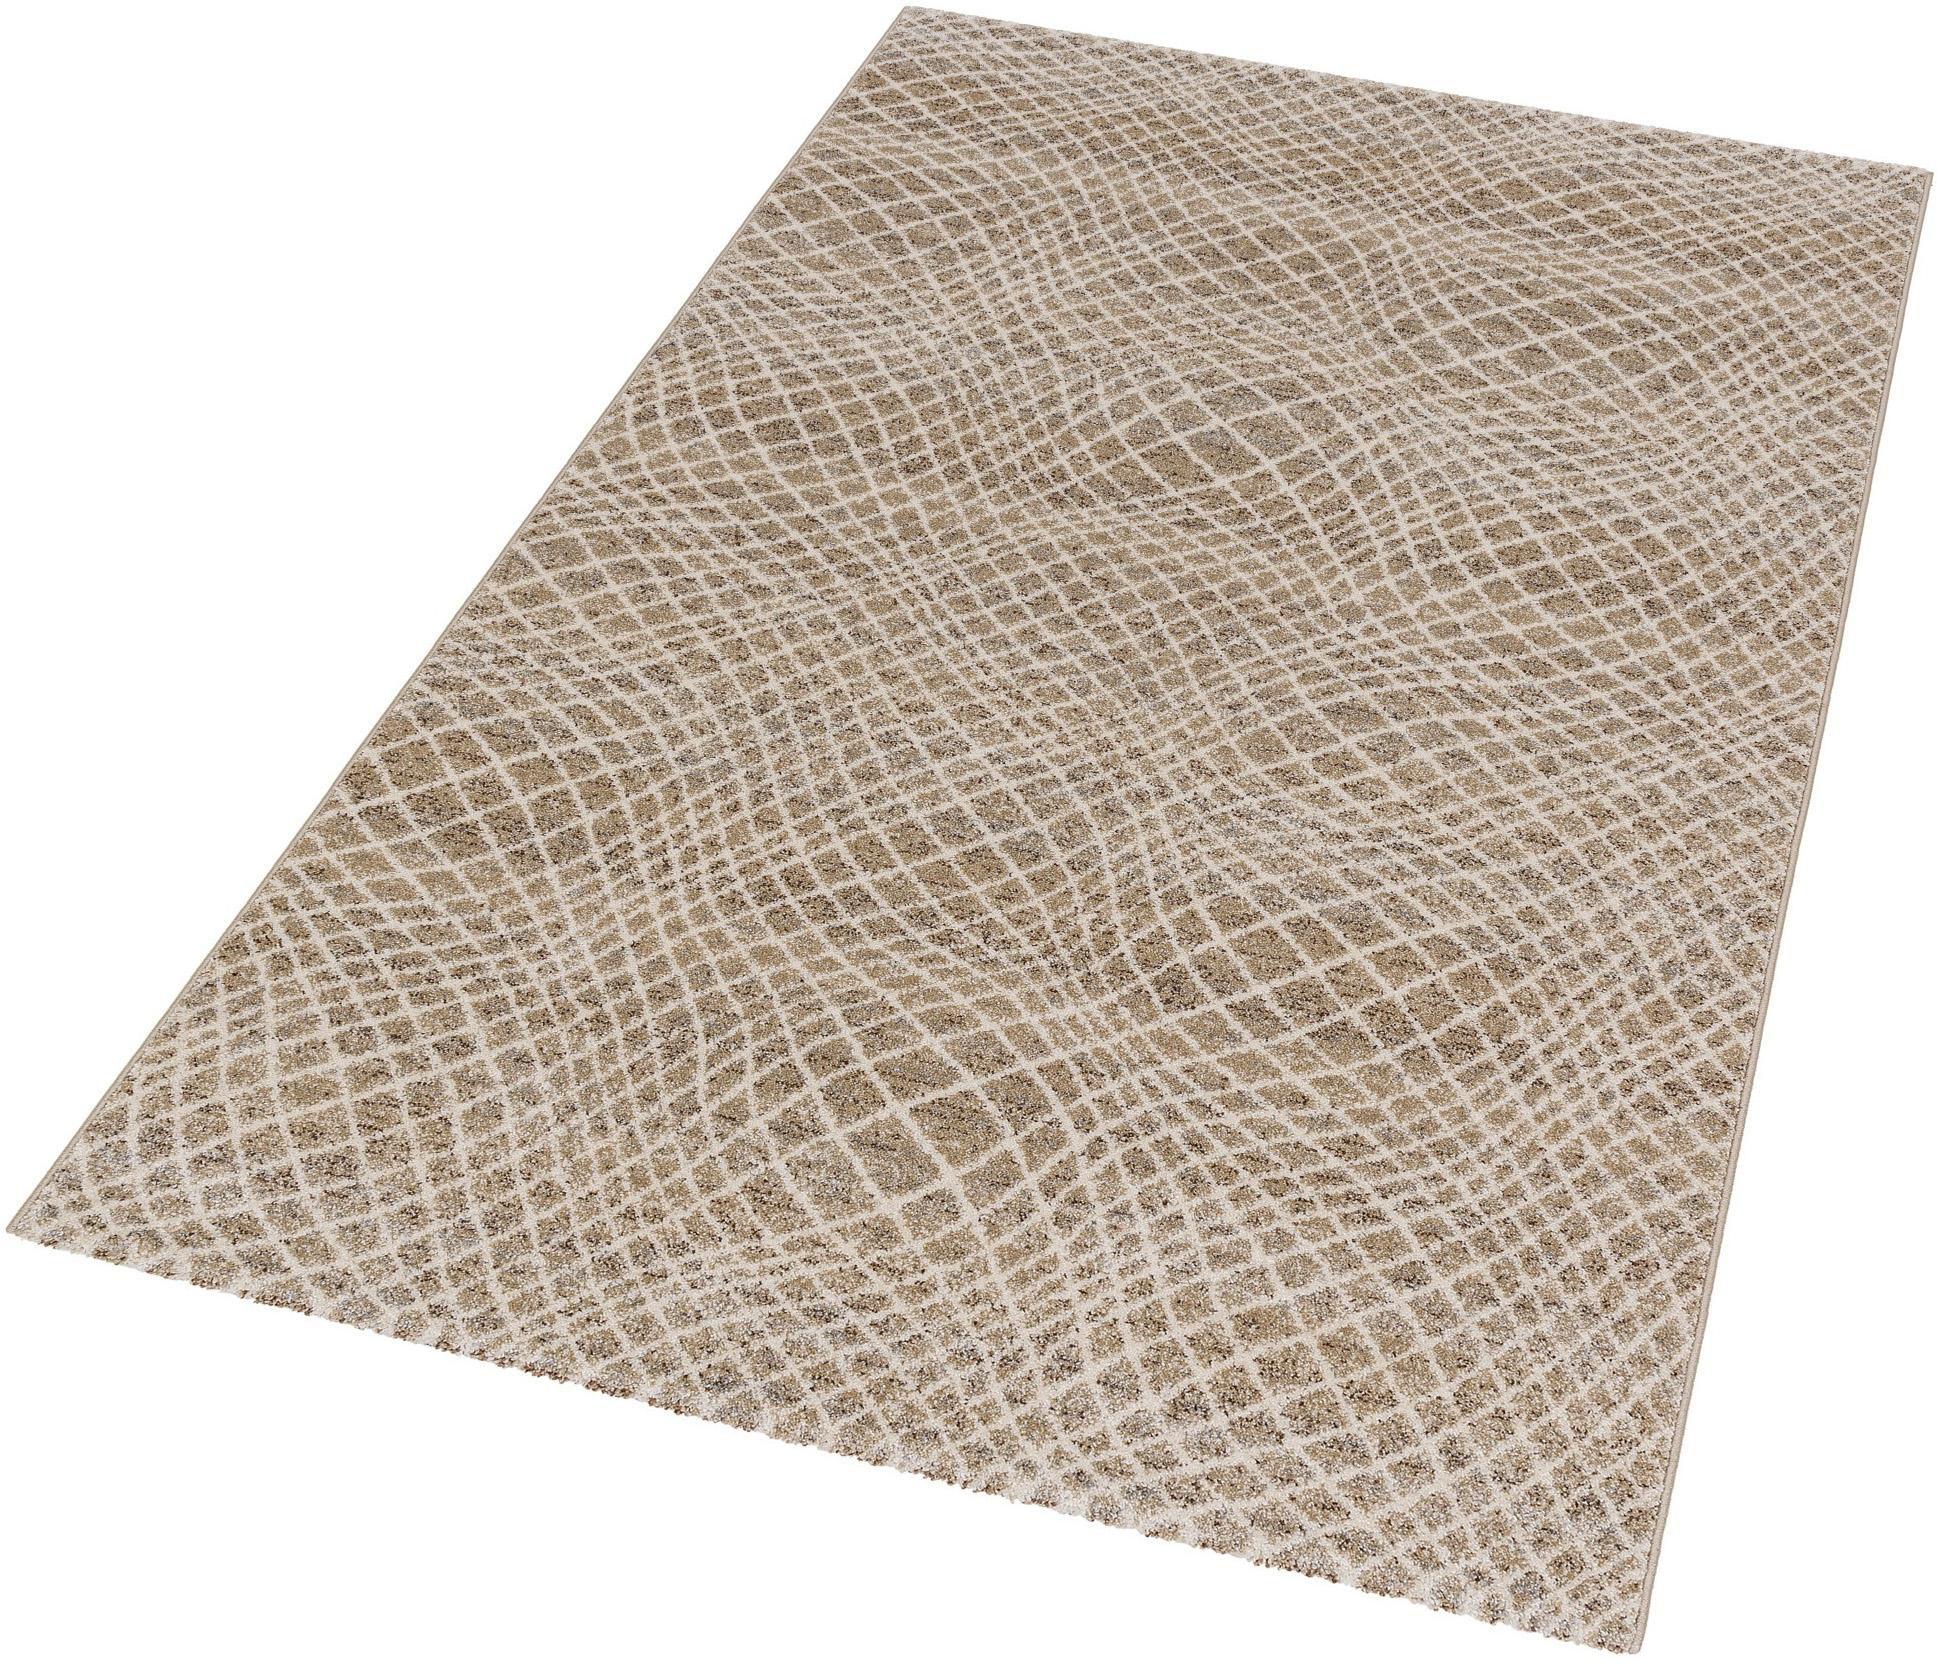 ASTRA Teppich, Astra, »Carpi Gitter«, gewebt, Wunschmaß